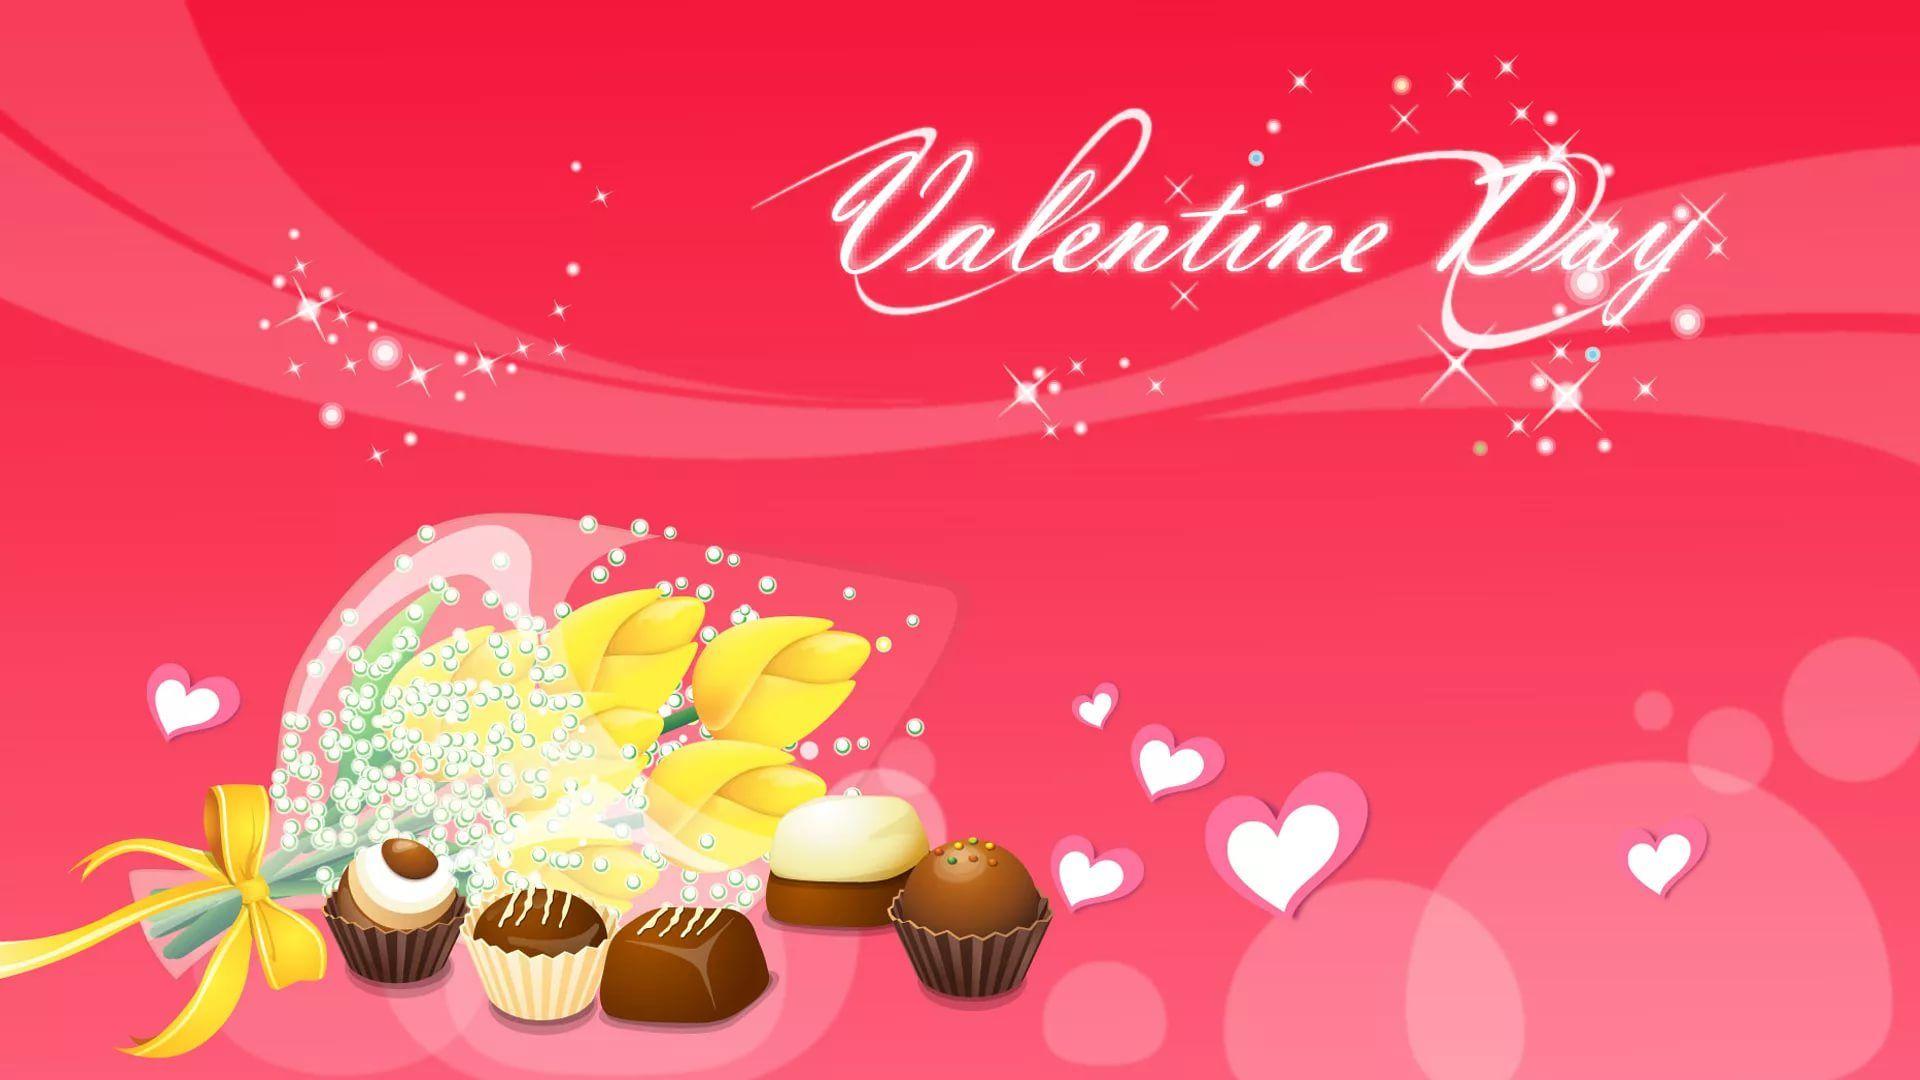 Valentine Screensaver hd wallpaper 1080p for pc